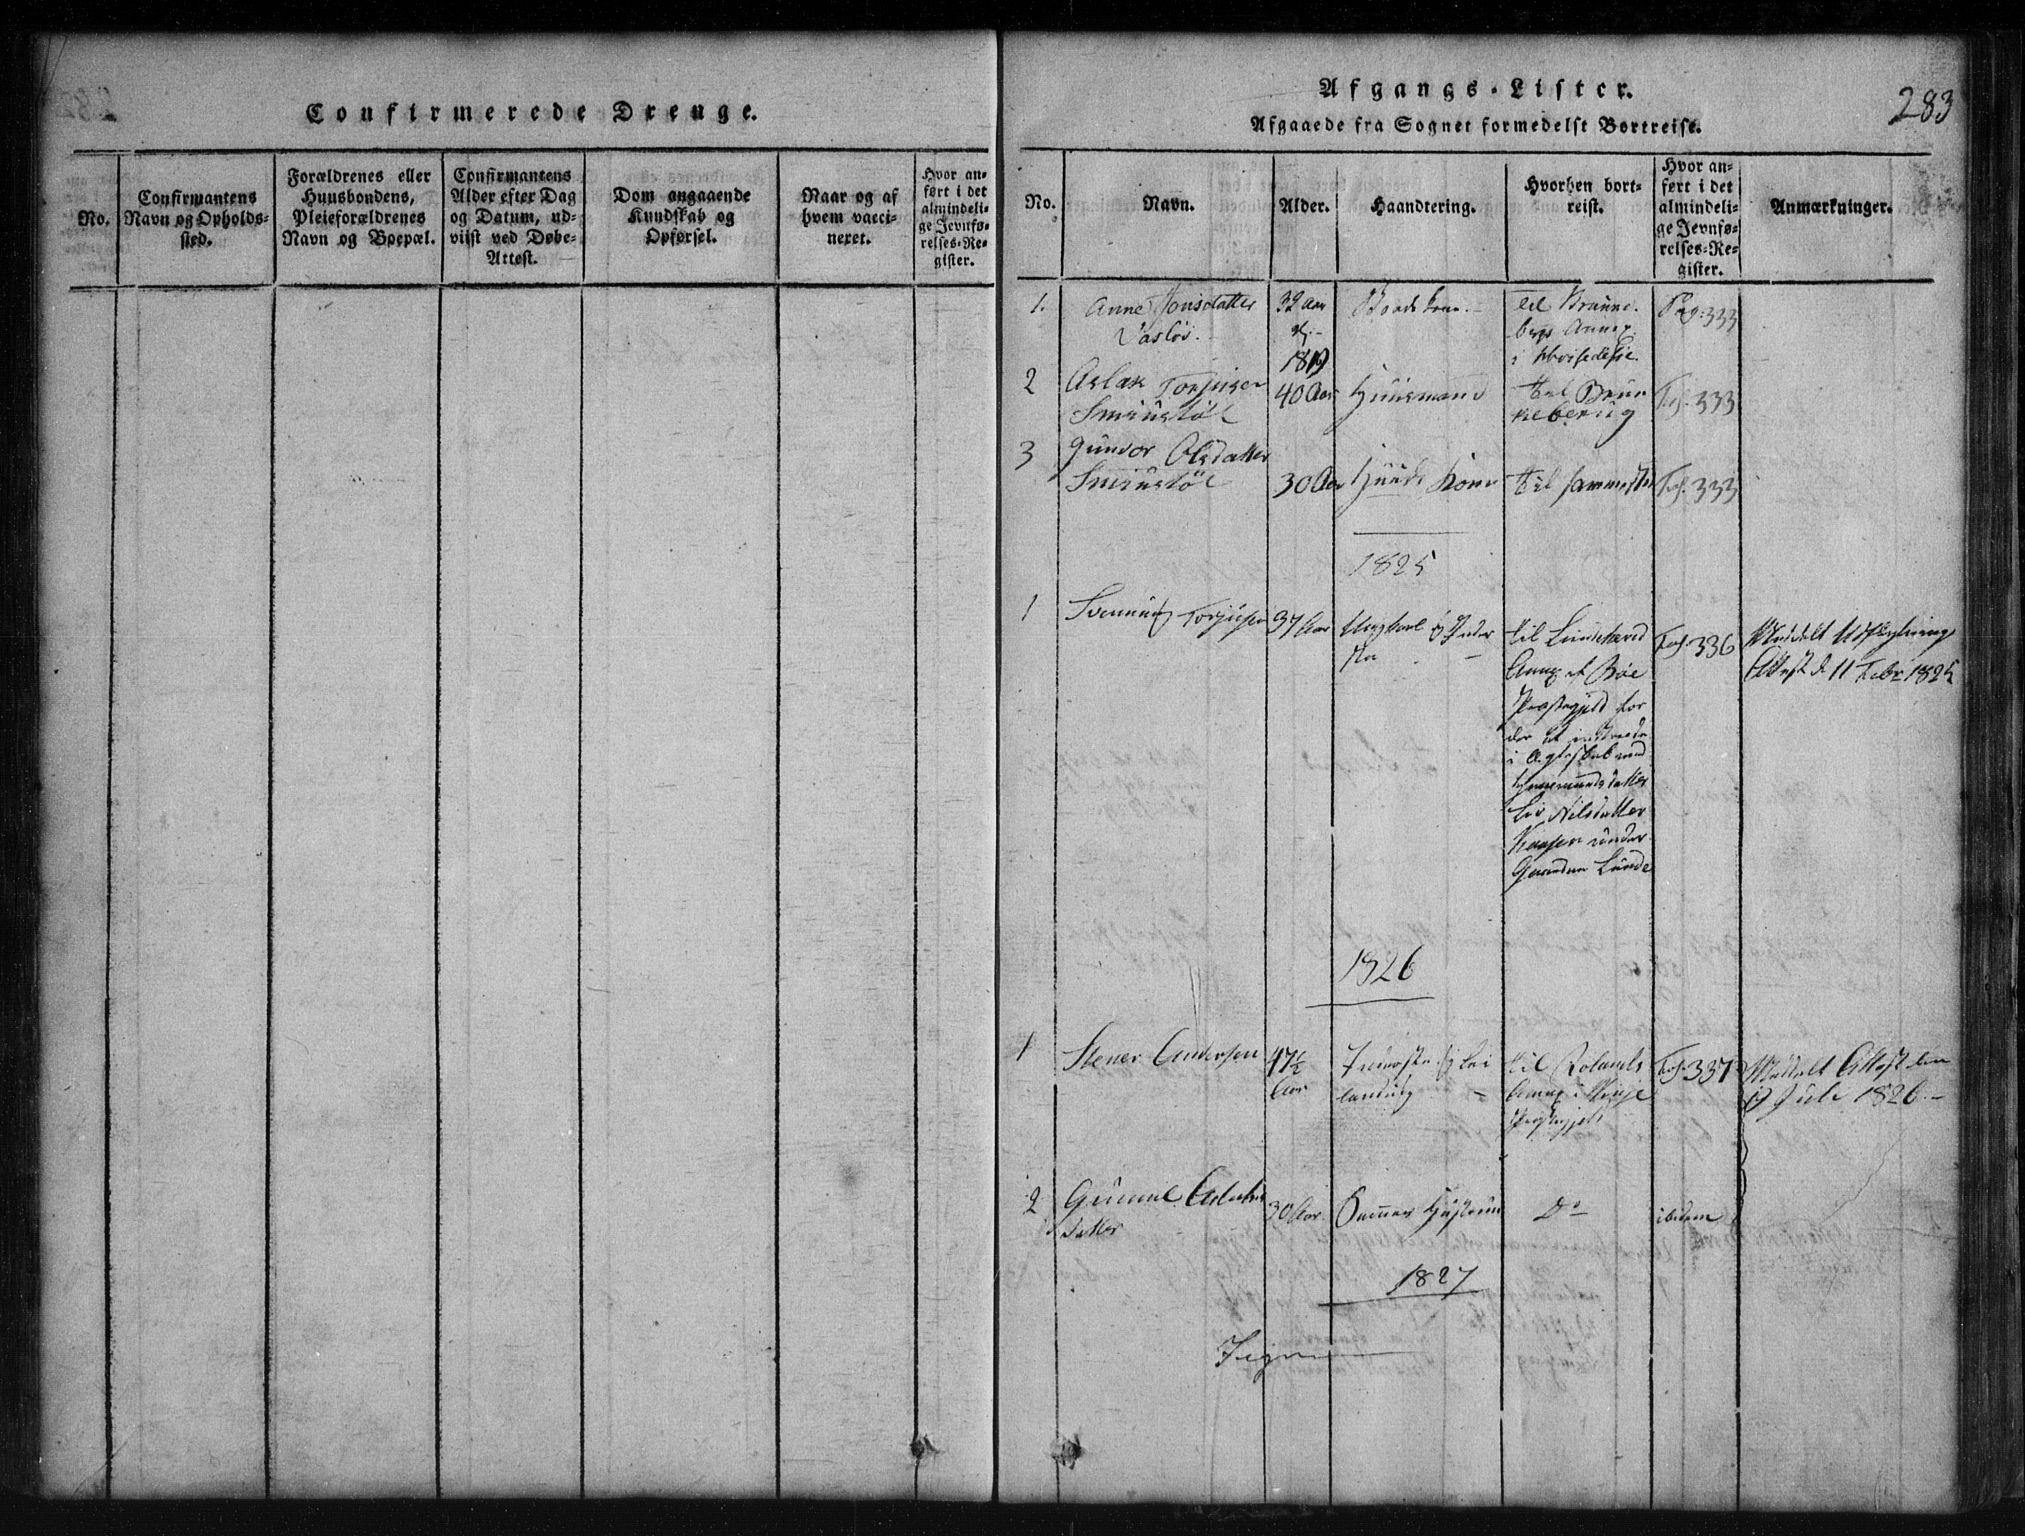 SAKO, Rauland kirkebøker, G/Gb/L0001: Klokkerbok nr. II 1, 1815-1886, s. 283